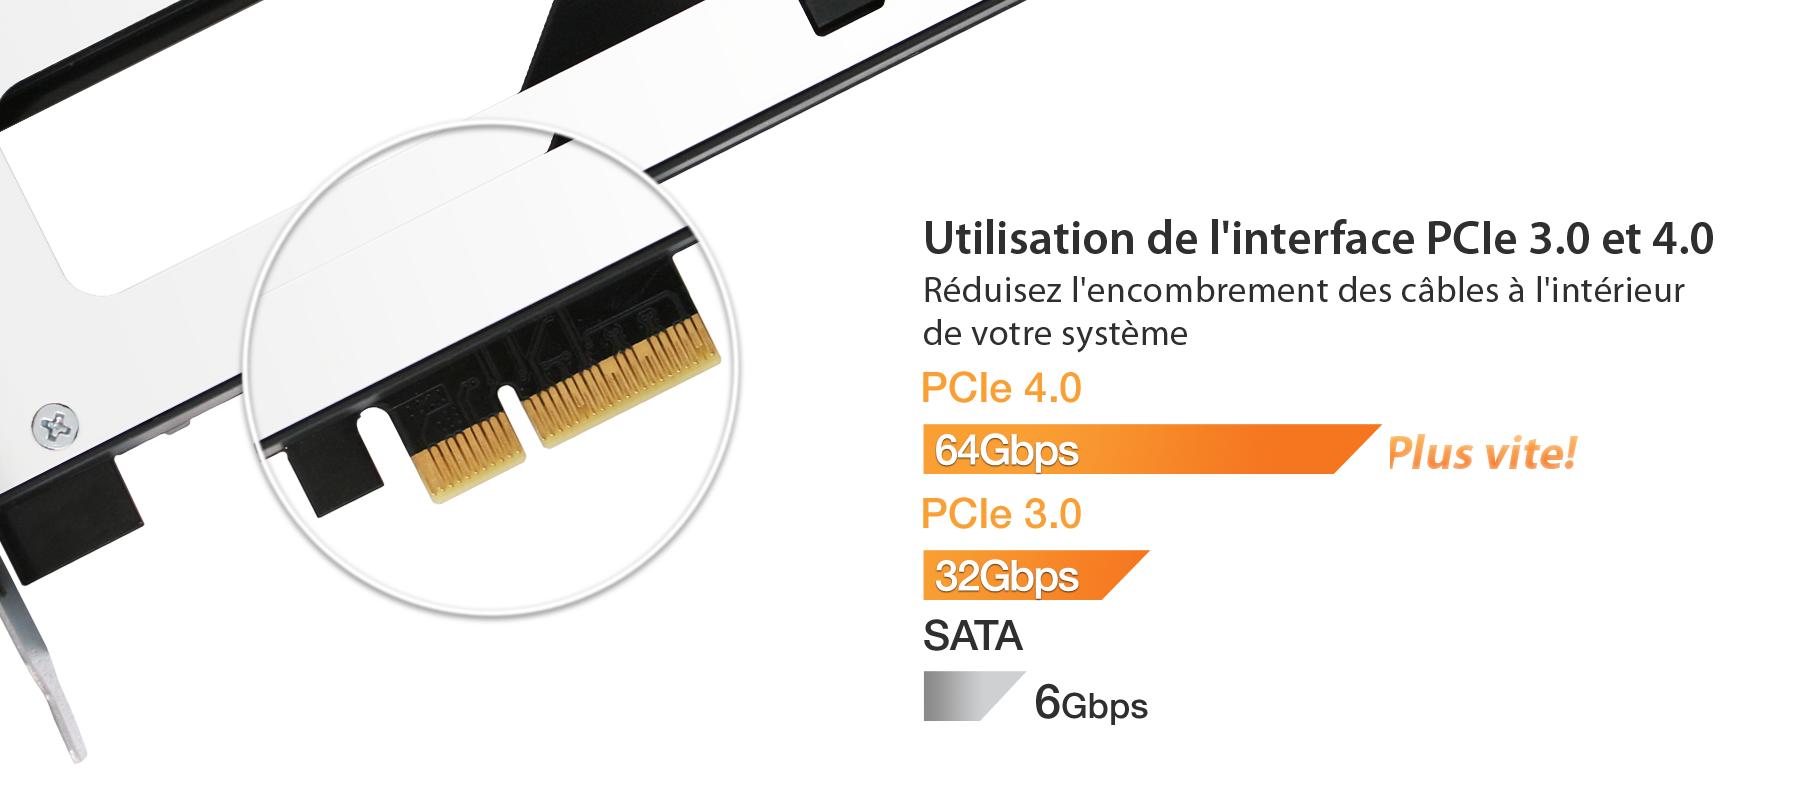 Photo de l'inferface PCIe 3.0 / 4.0 insérée dans le mb840m2p-b